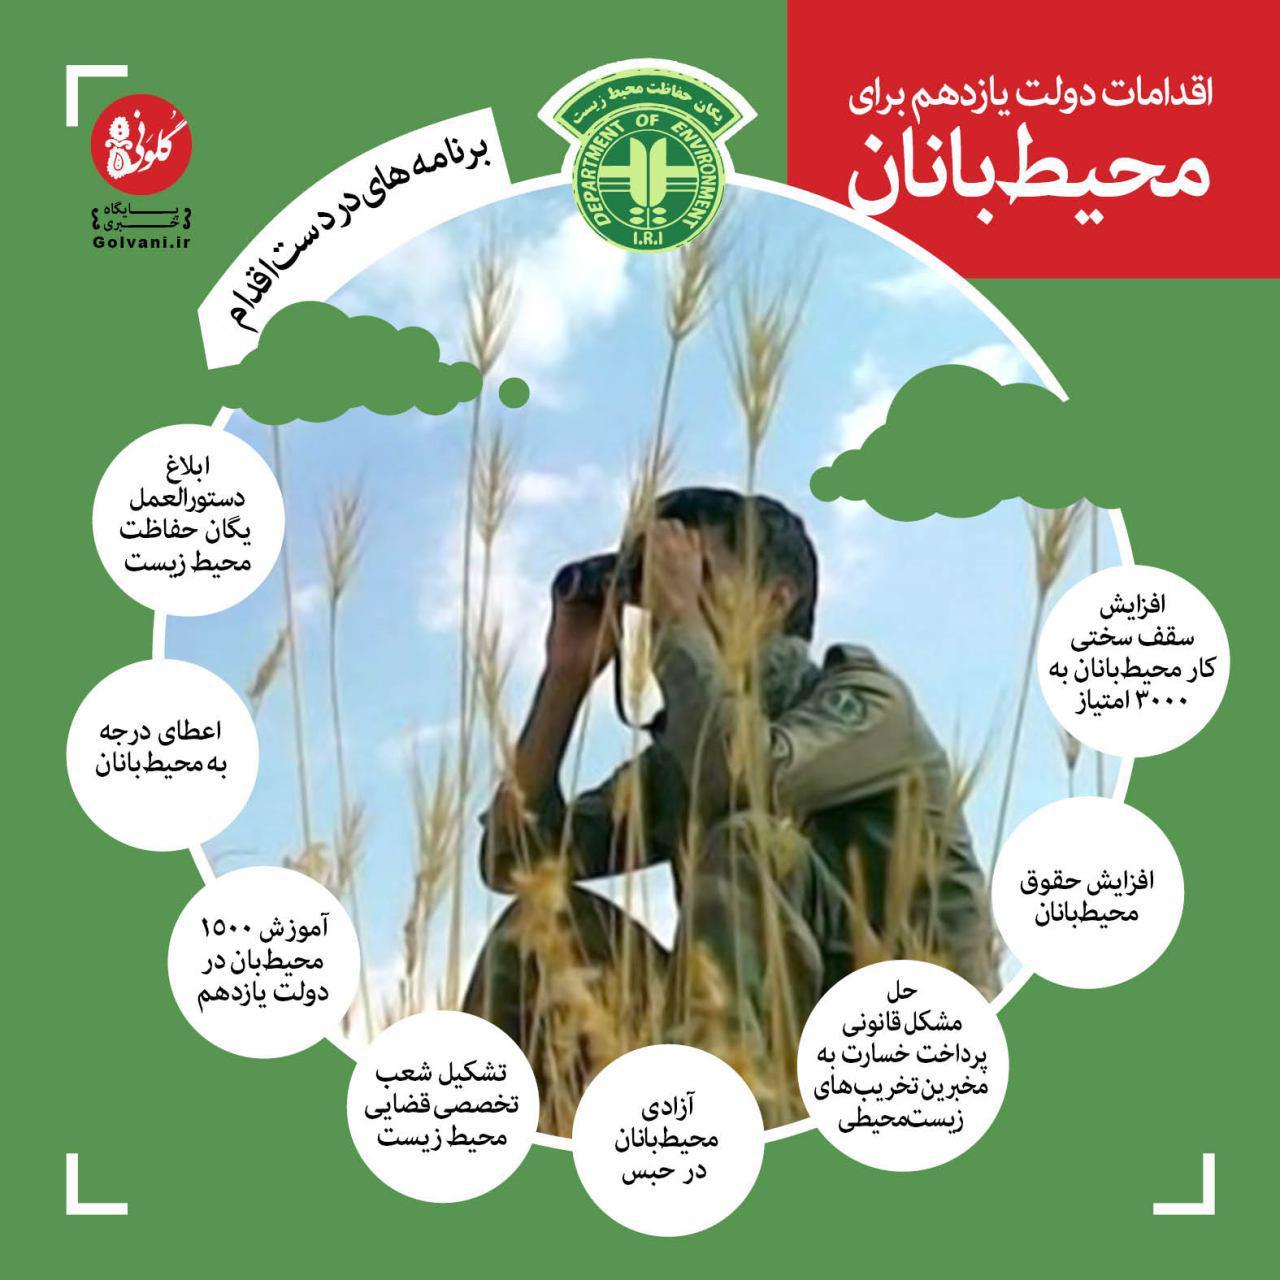 اقدامات سازمان محیط زیست برای محیطبانان